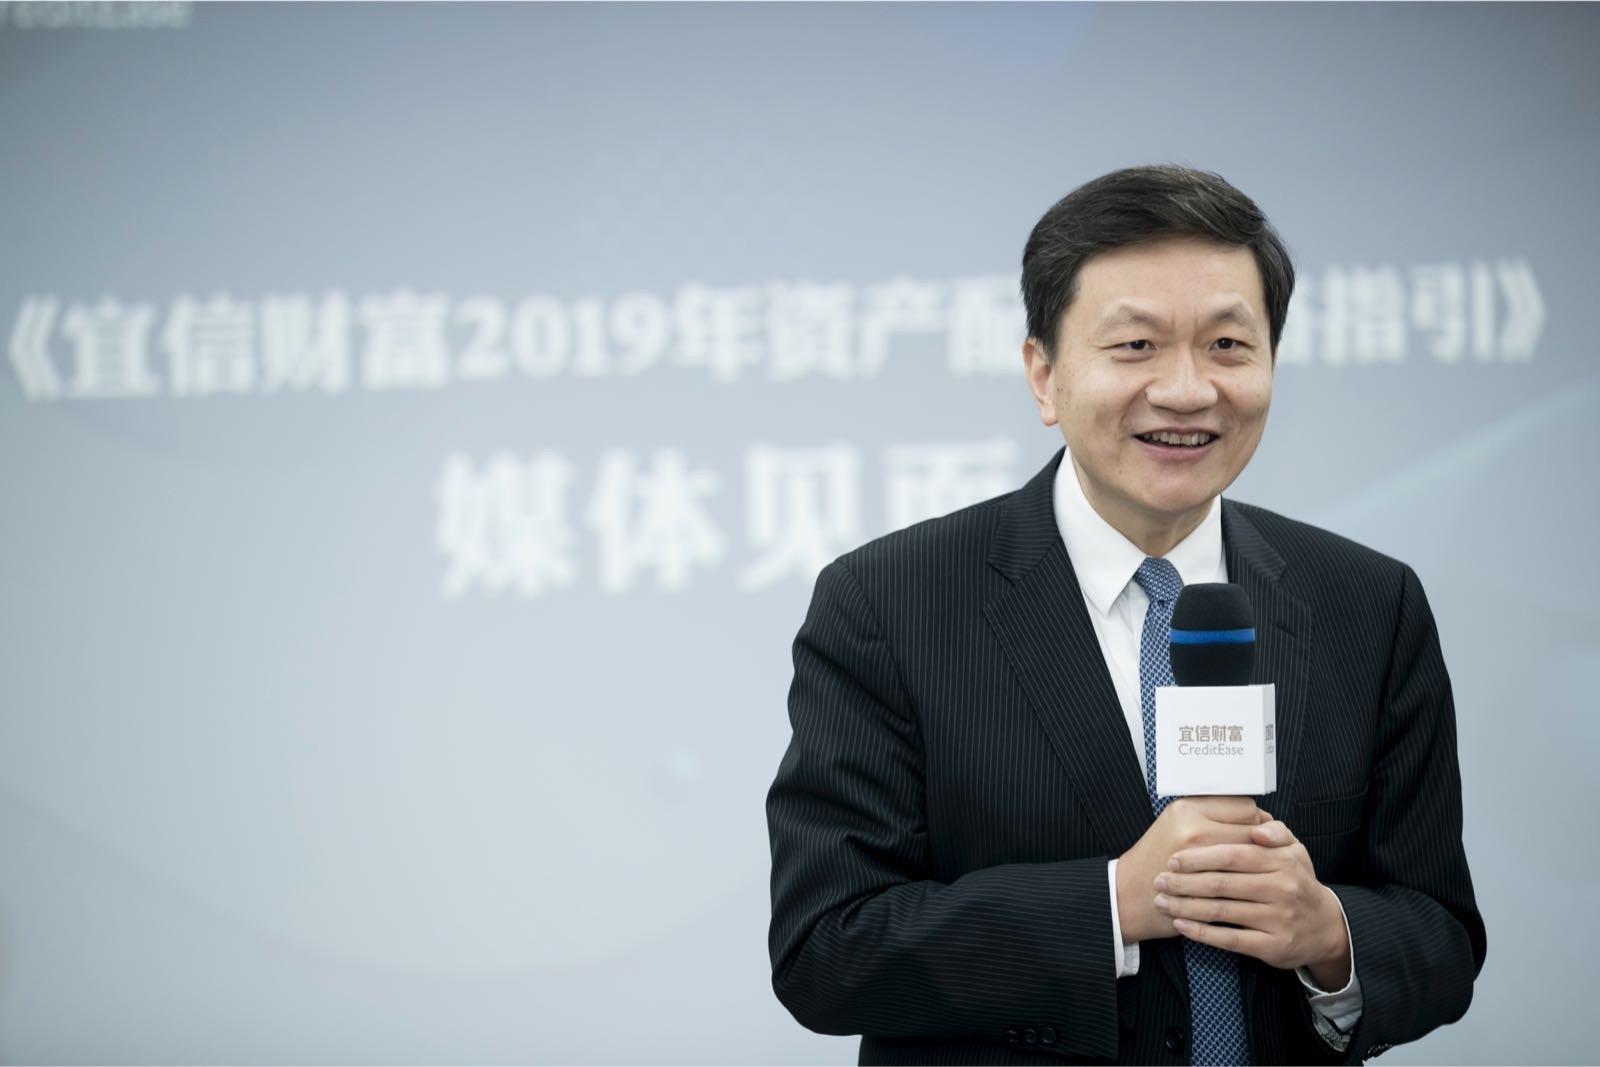 宜信公司创始人、CEO唐宁_1547616482553_0.jpeg